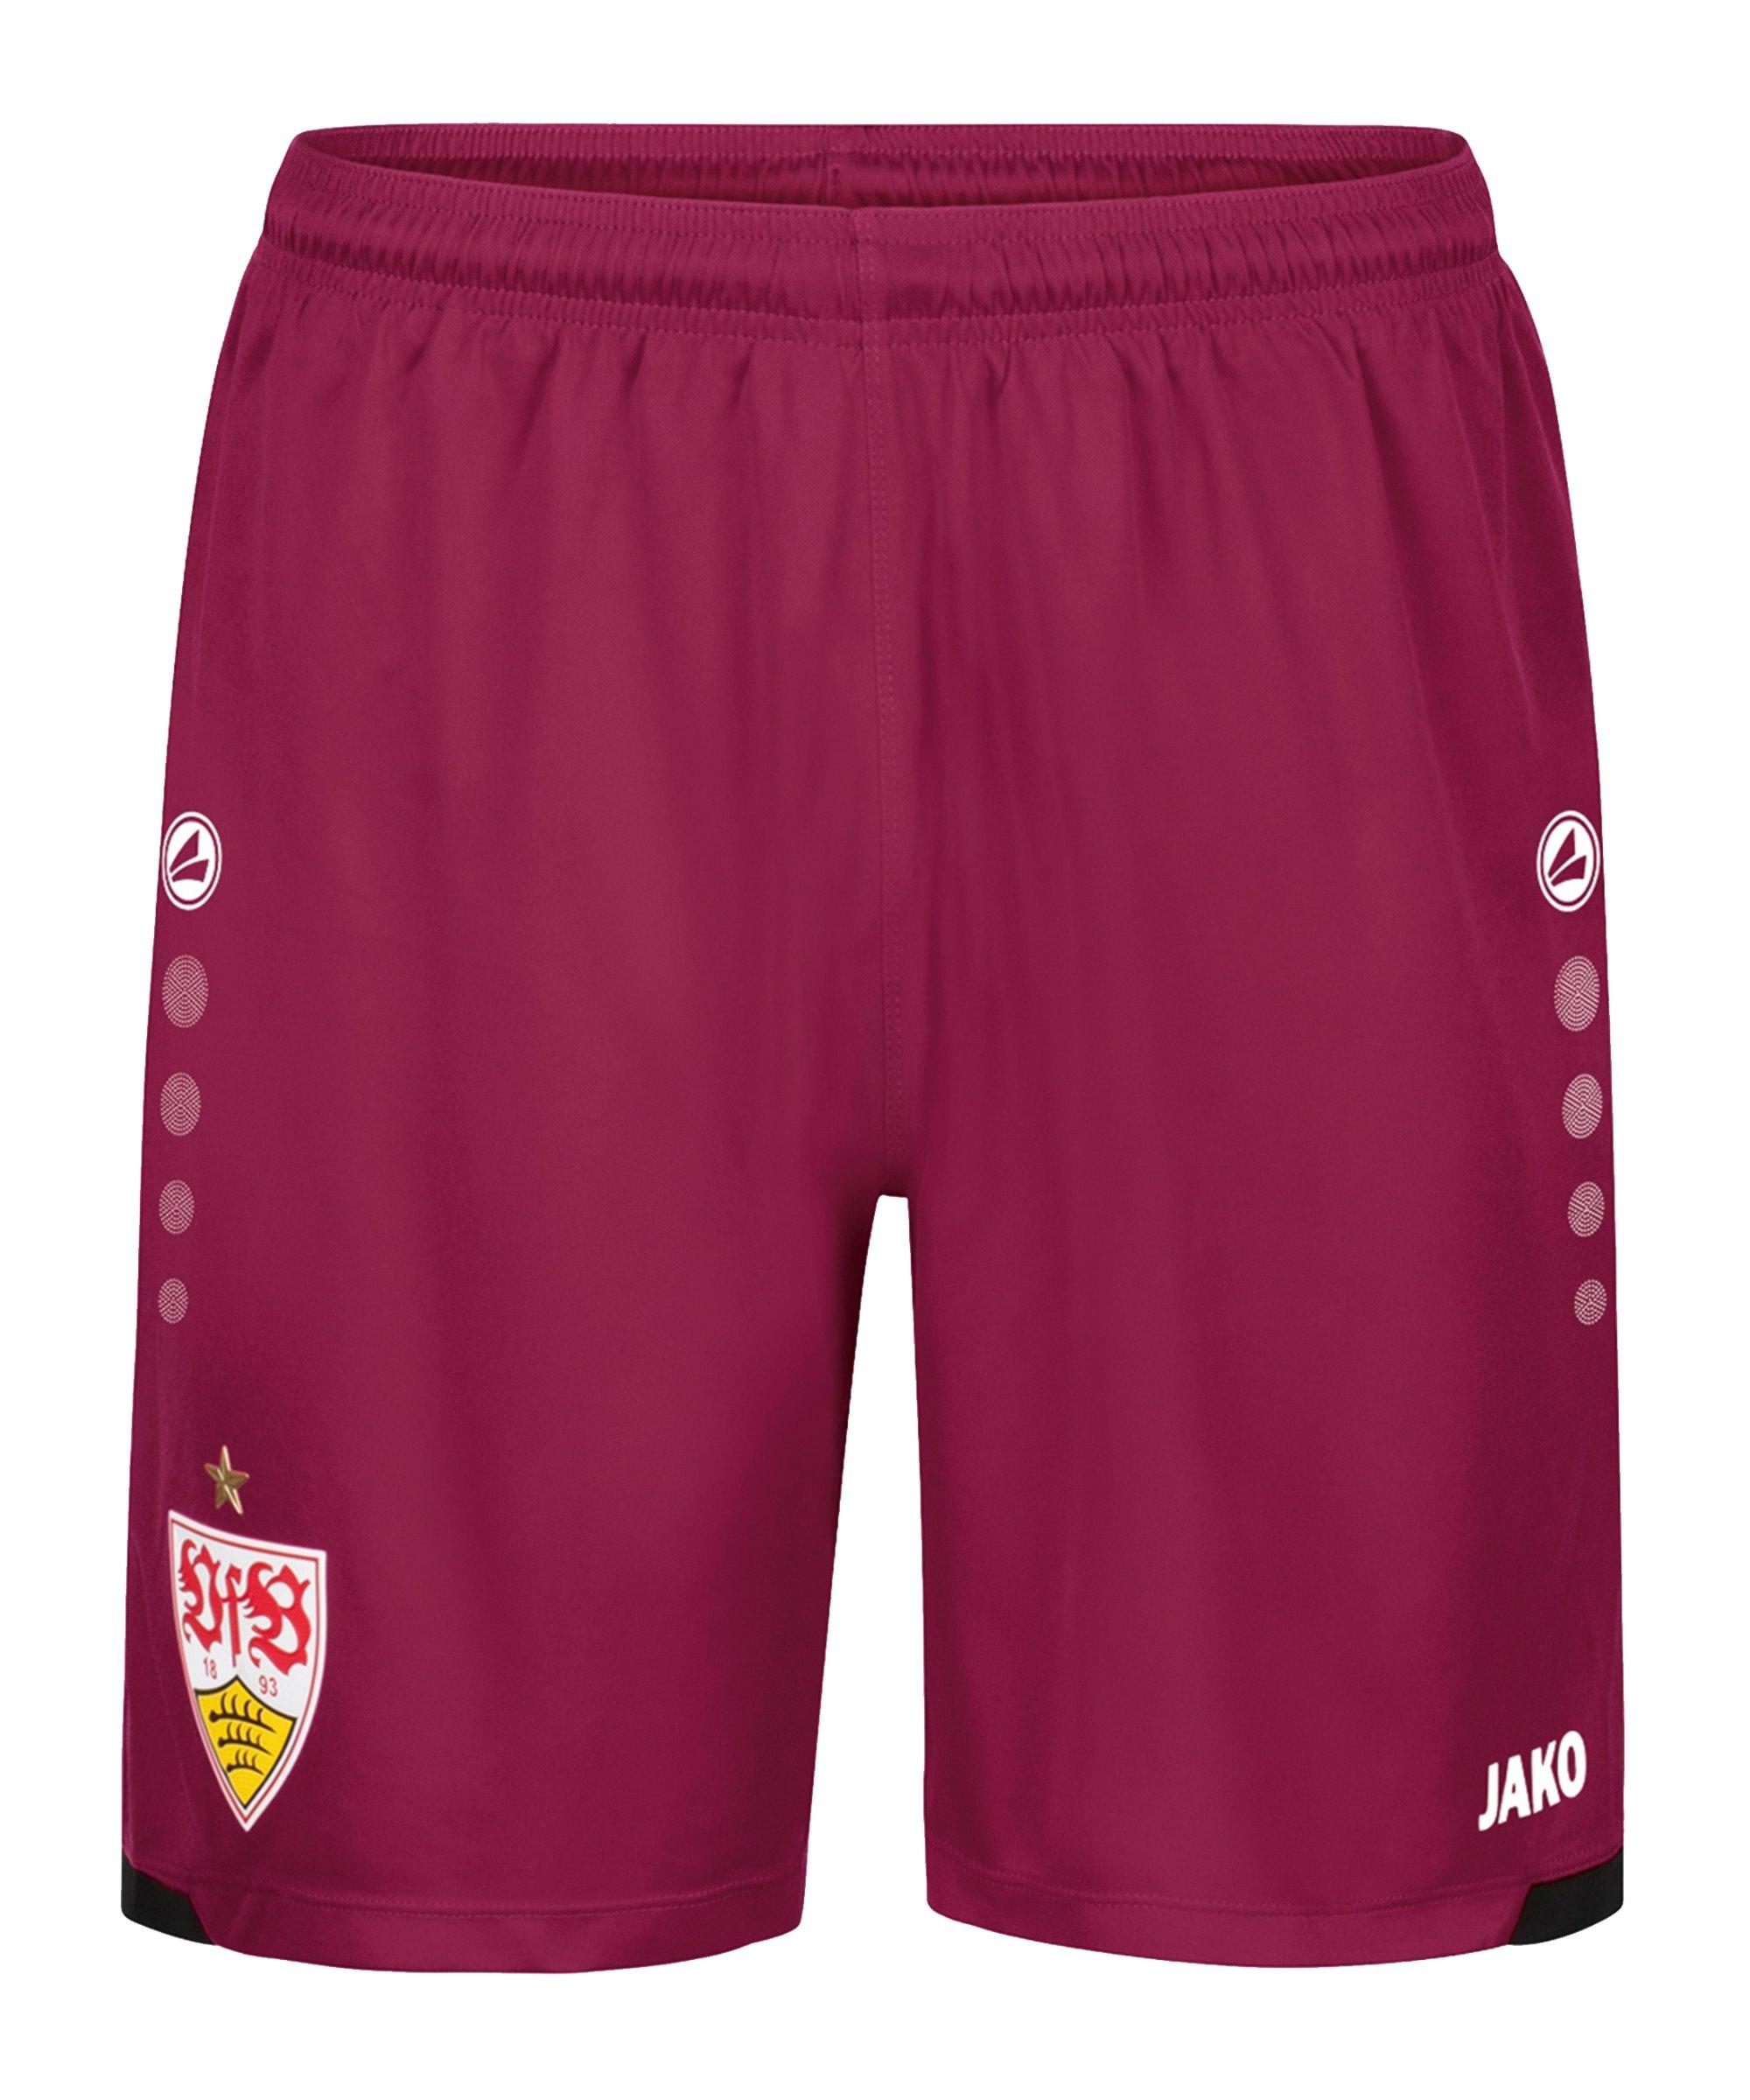 JAKO VfB Stuttgart TW-Short Away 2021/2022 F612 - lila